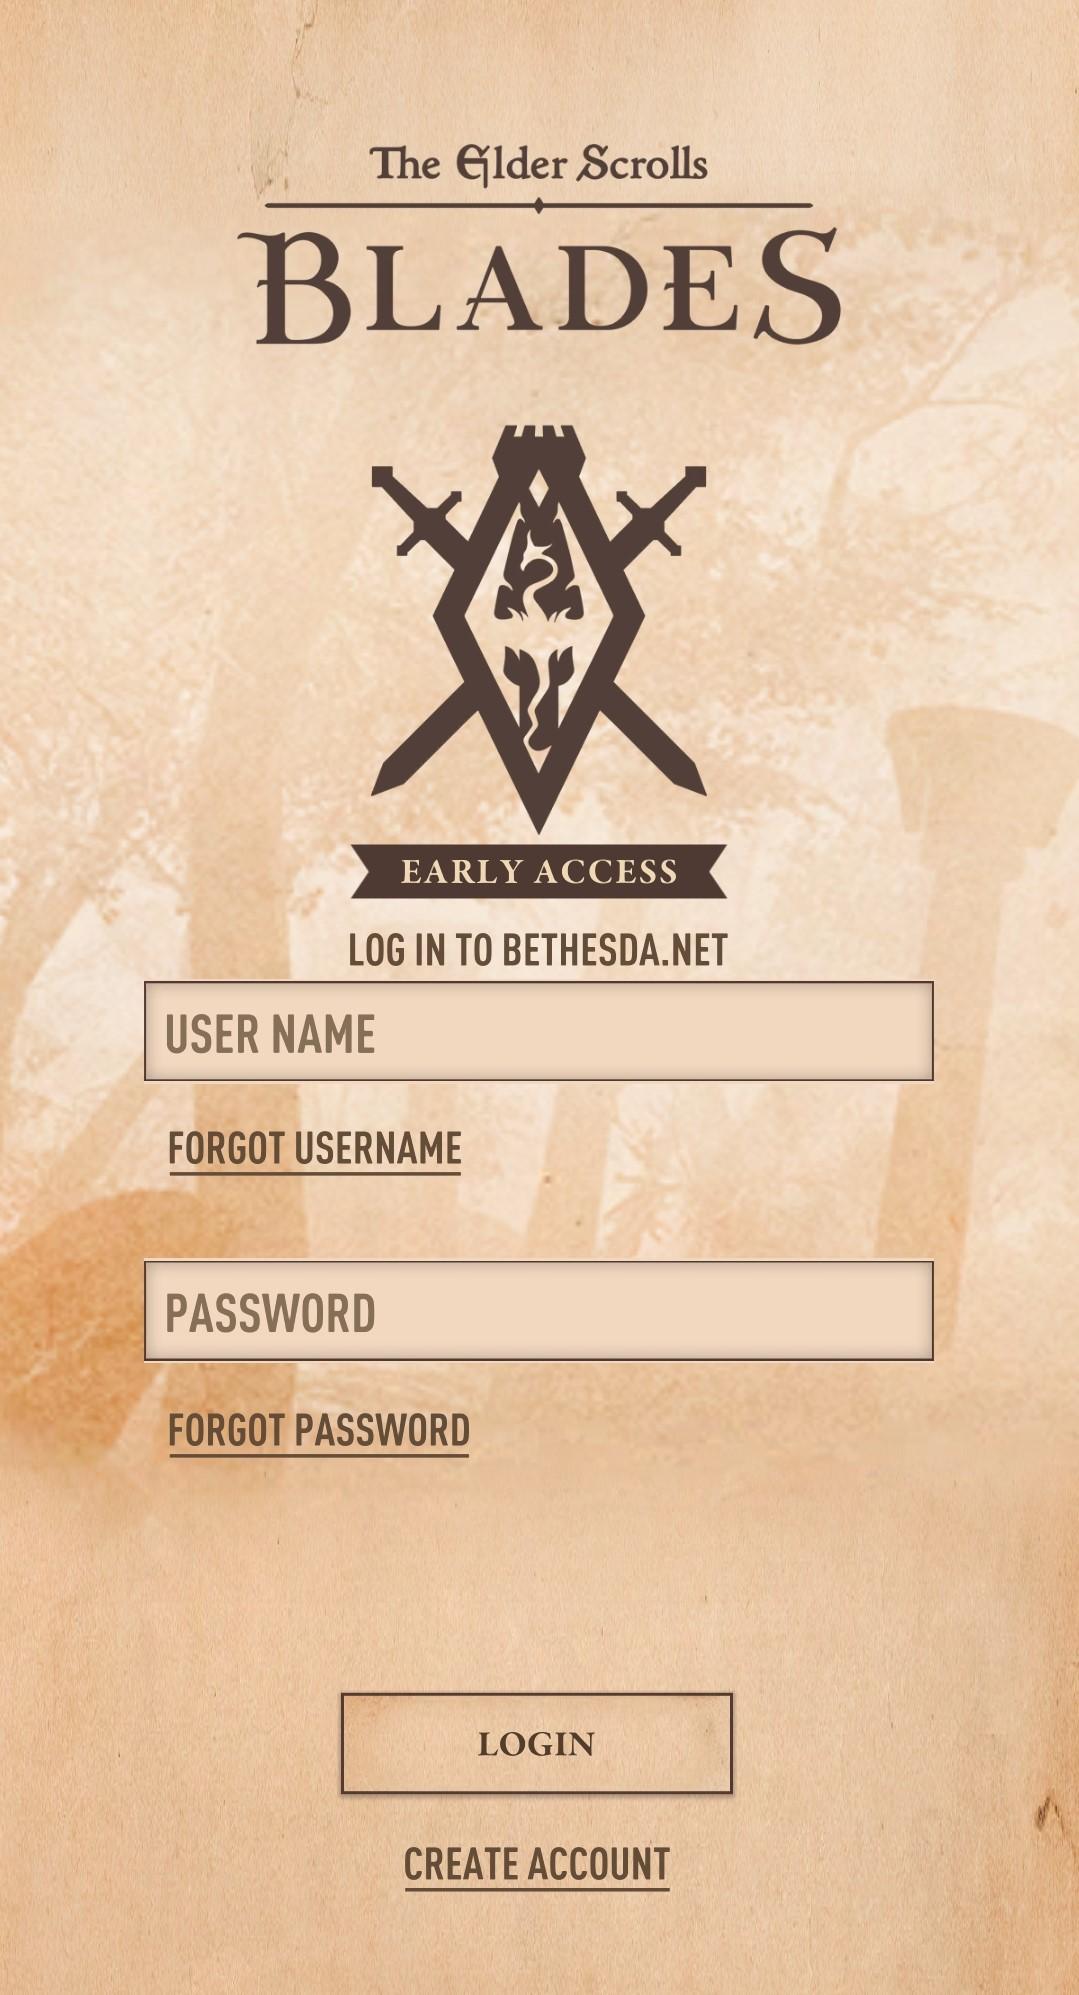 上古卷轴:刀锋战士,账号注册流程及游戏实机演示 图片1